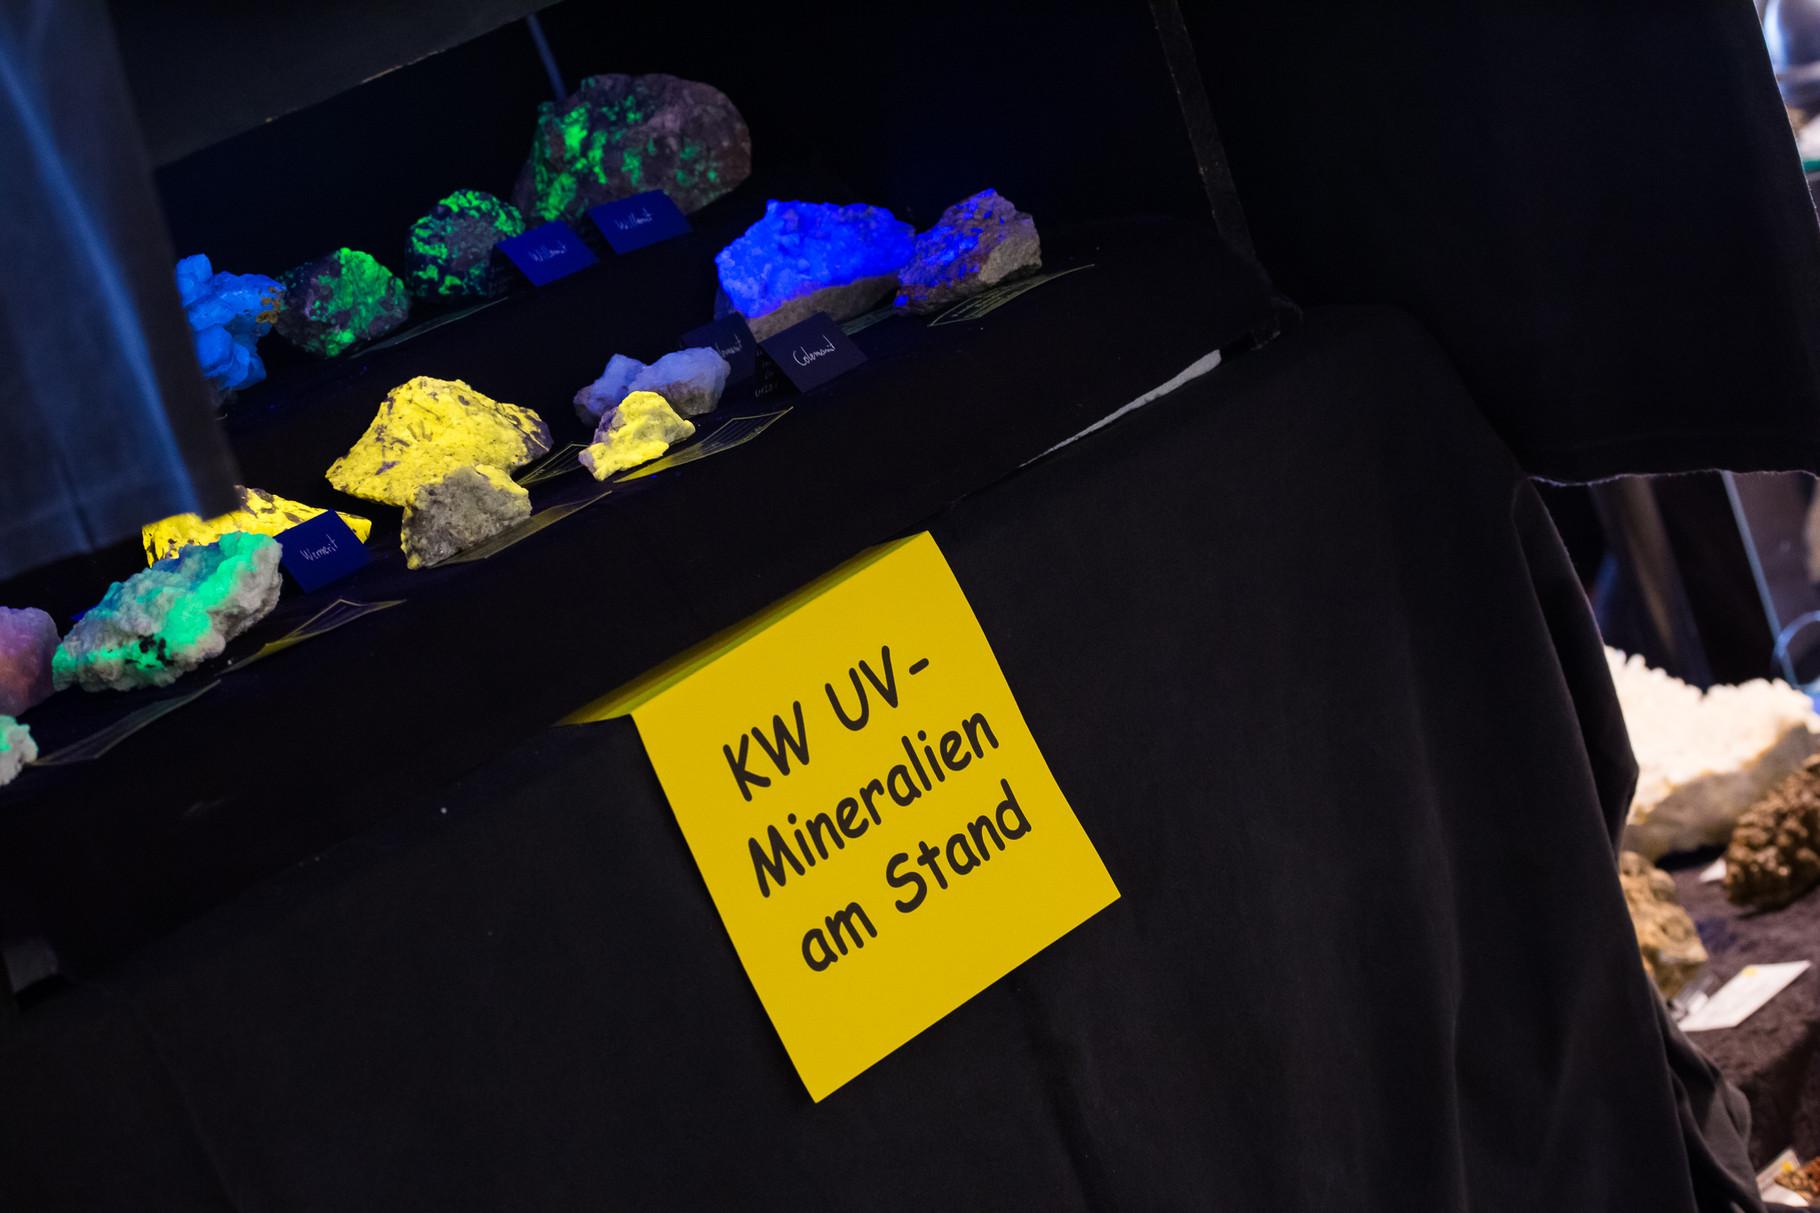 Mineralien die unter UV-Licht fluoreszieren